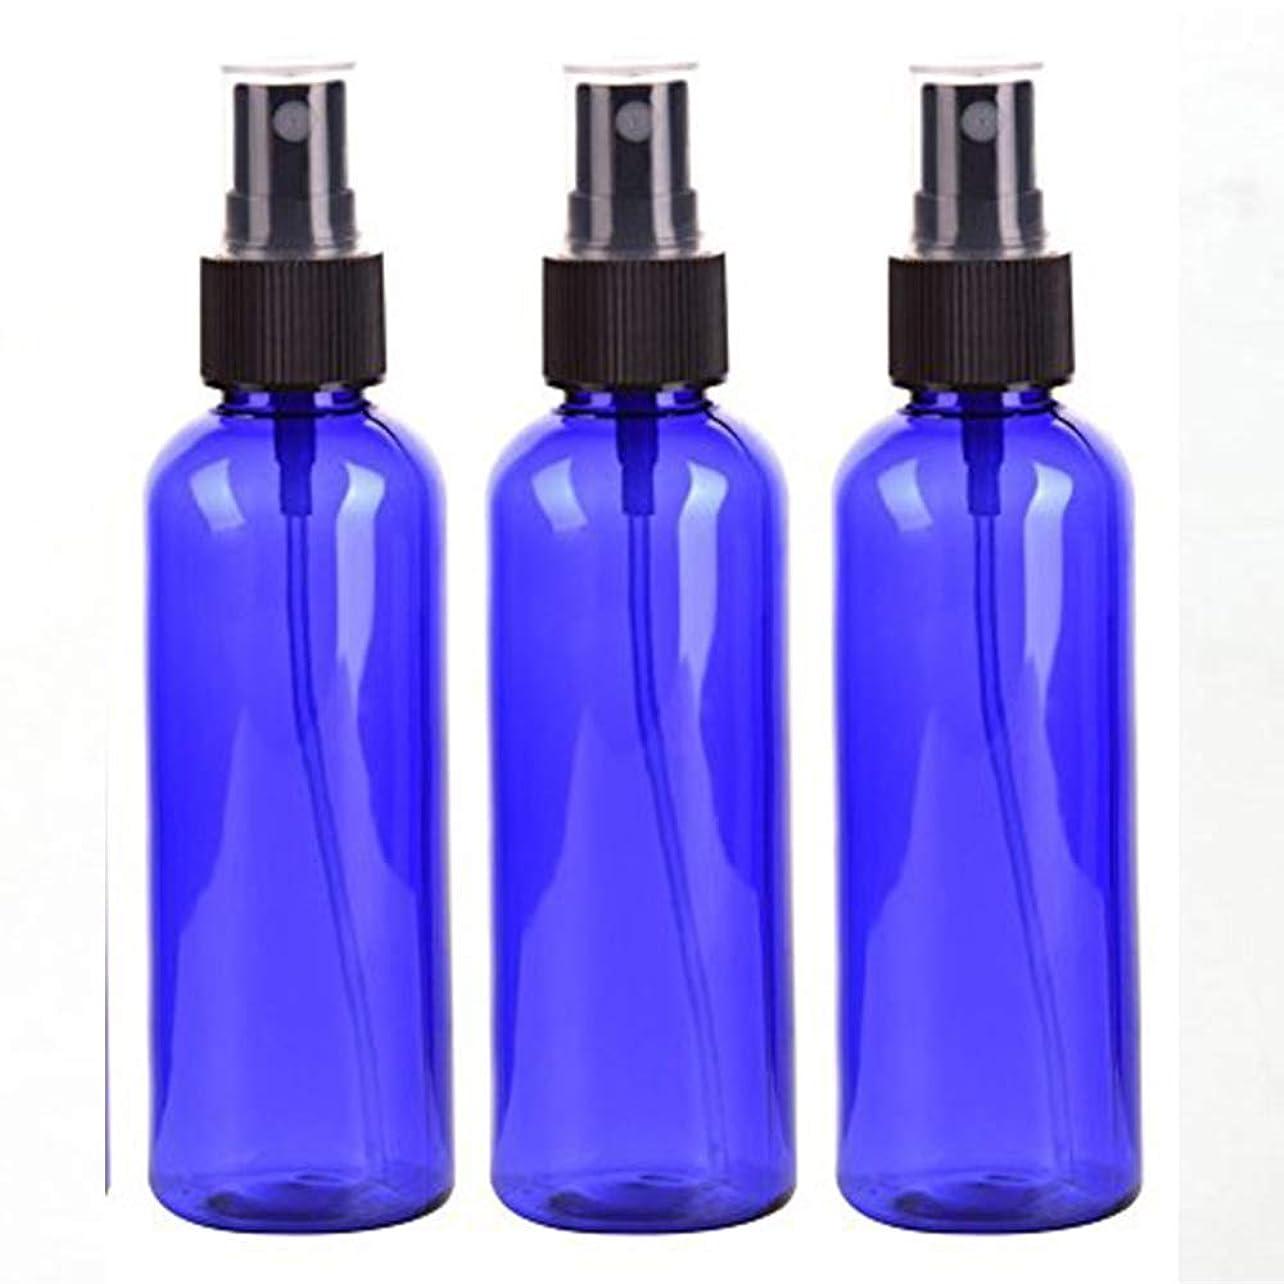 スプレーボトル 50mL ブルー黒ヘッド プラスチック空容器 3本セット